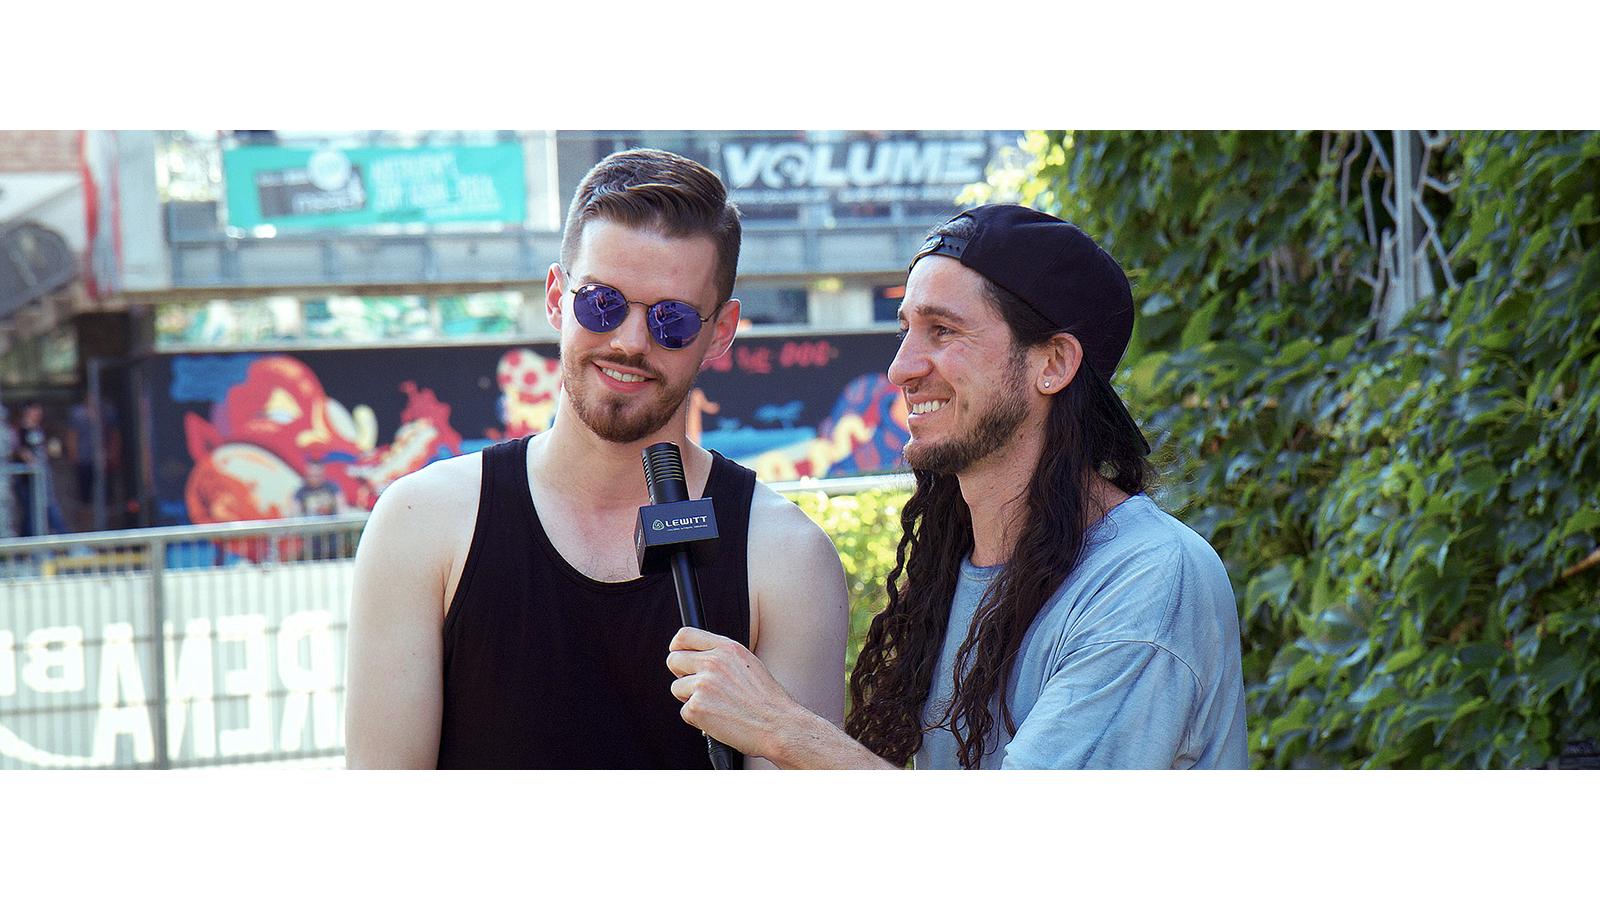 interviewer2